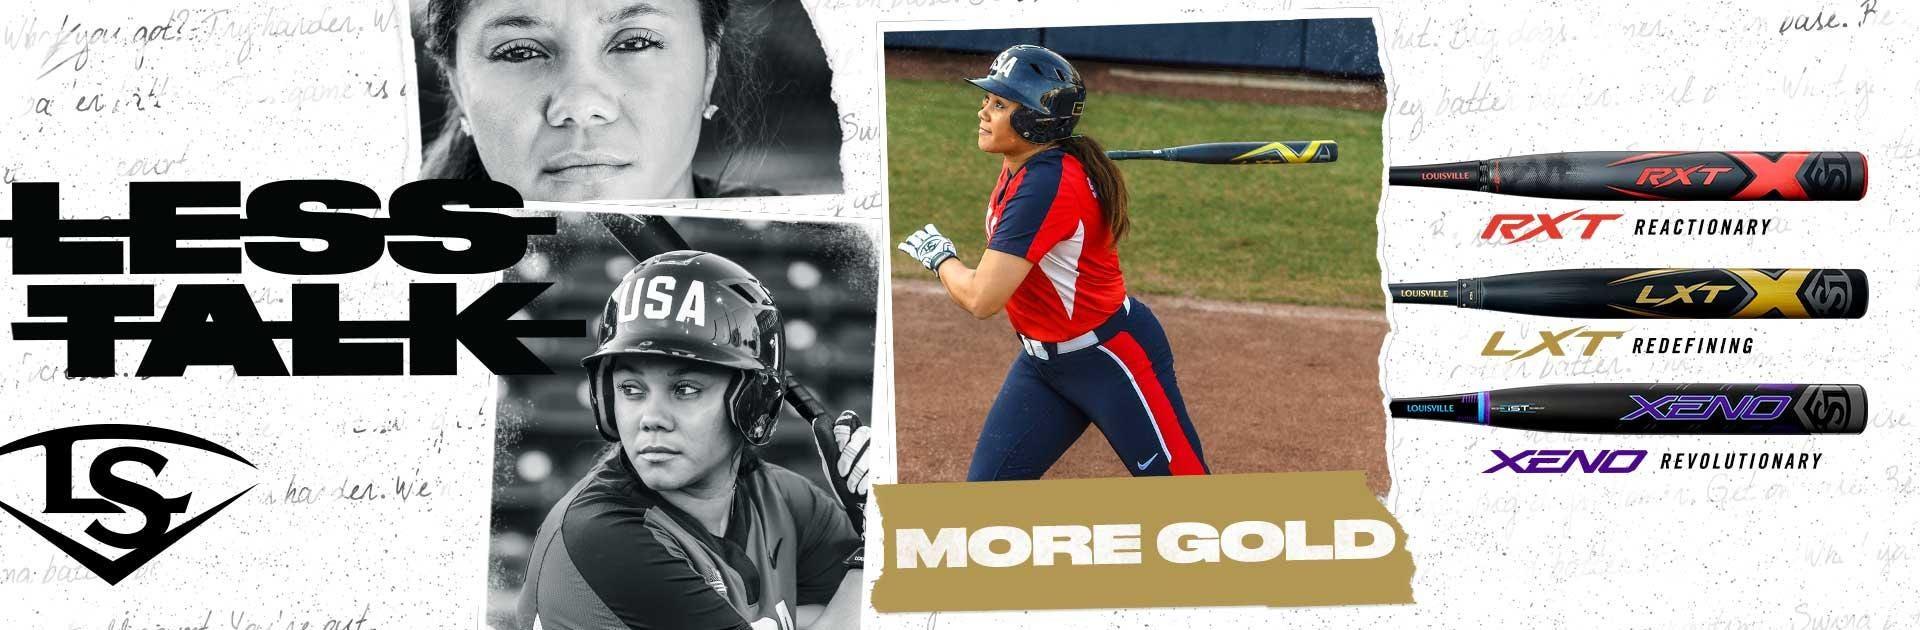 Louisville Slugger 2020 Fastpitch Softball Bats | Less Talk. More Gold.